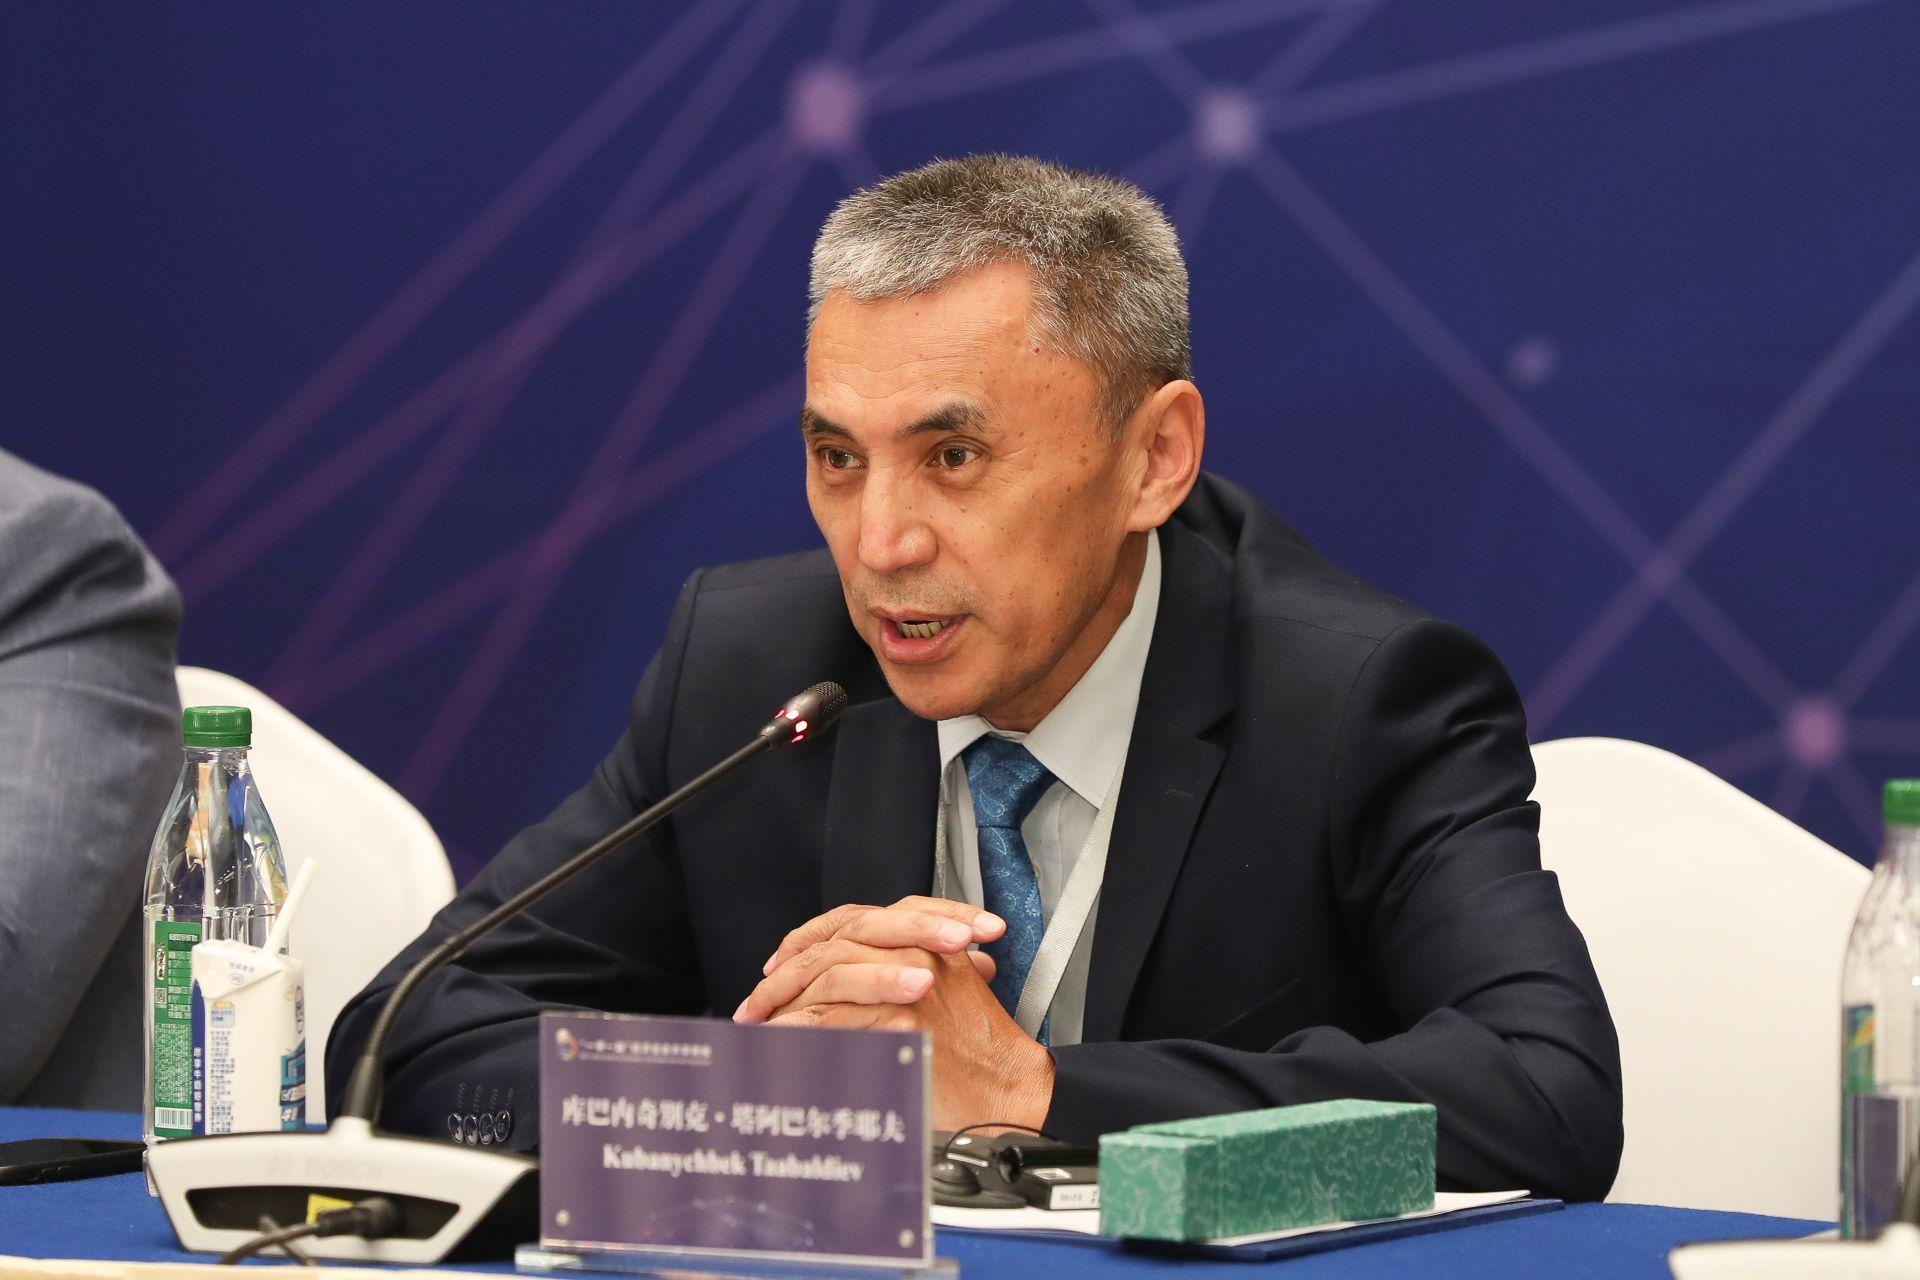 库巴内奇别克•塔阿巴尔季耶夫  吉尔吉斯斯坦卡巴尔国家通讯社社长